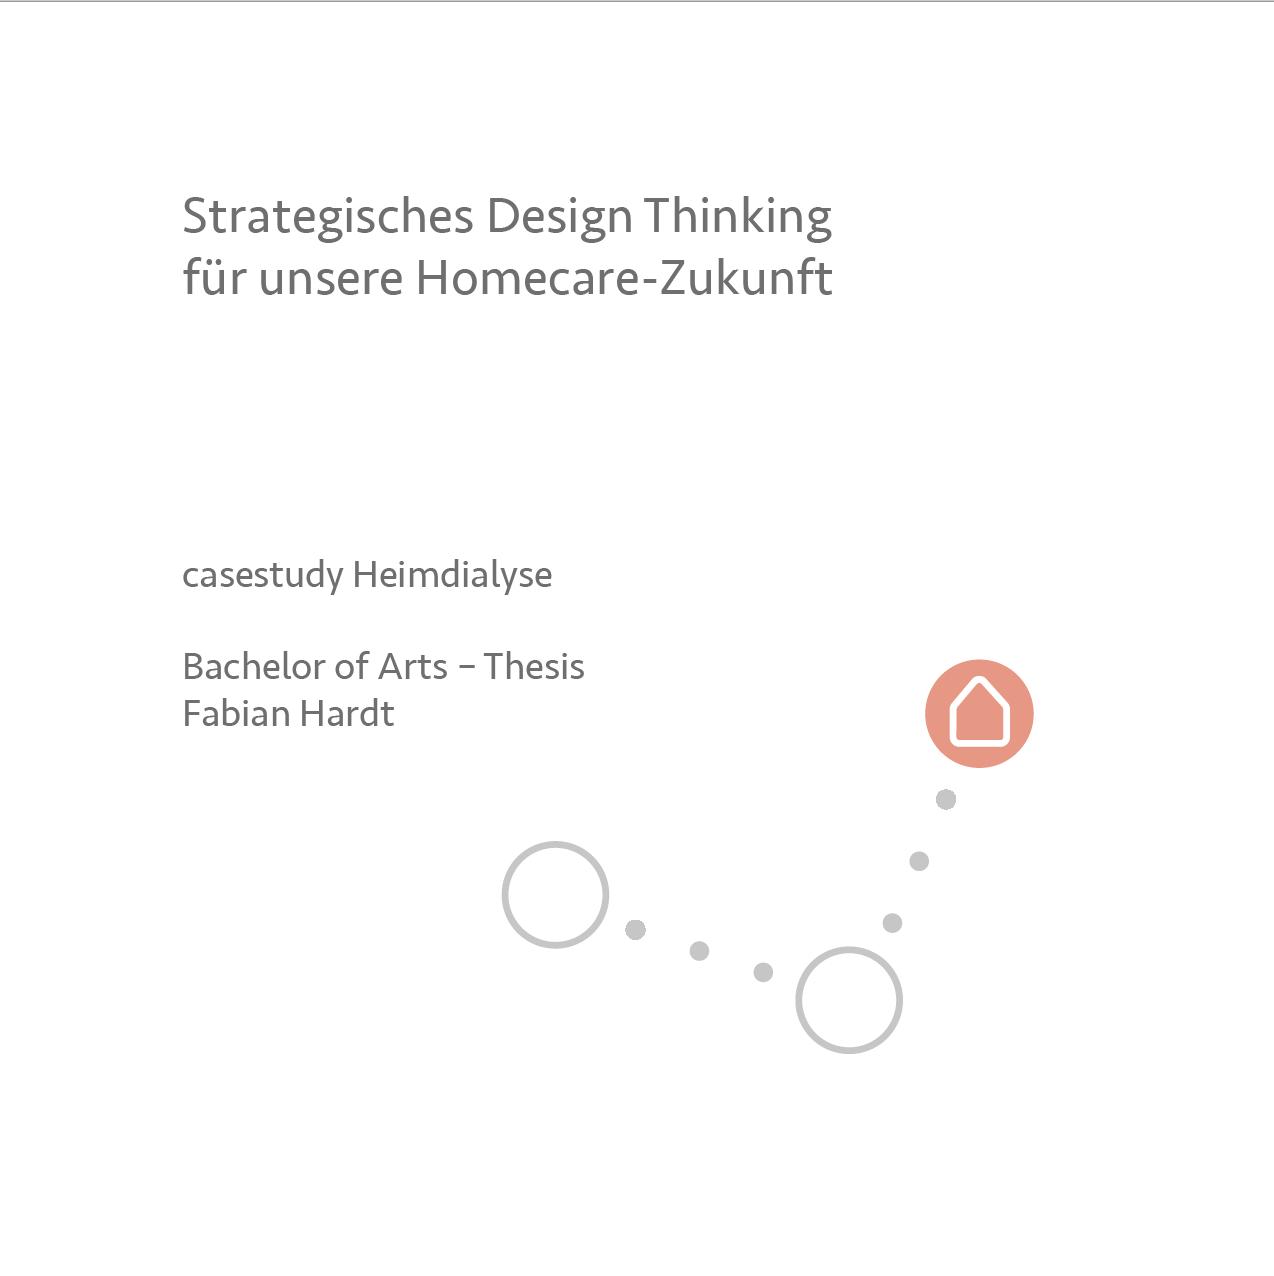 Strategisches Design Thinking für unsere Homecare-Zukunft